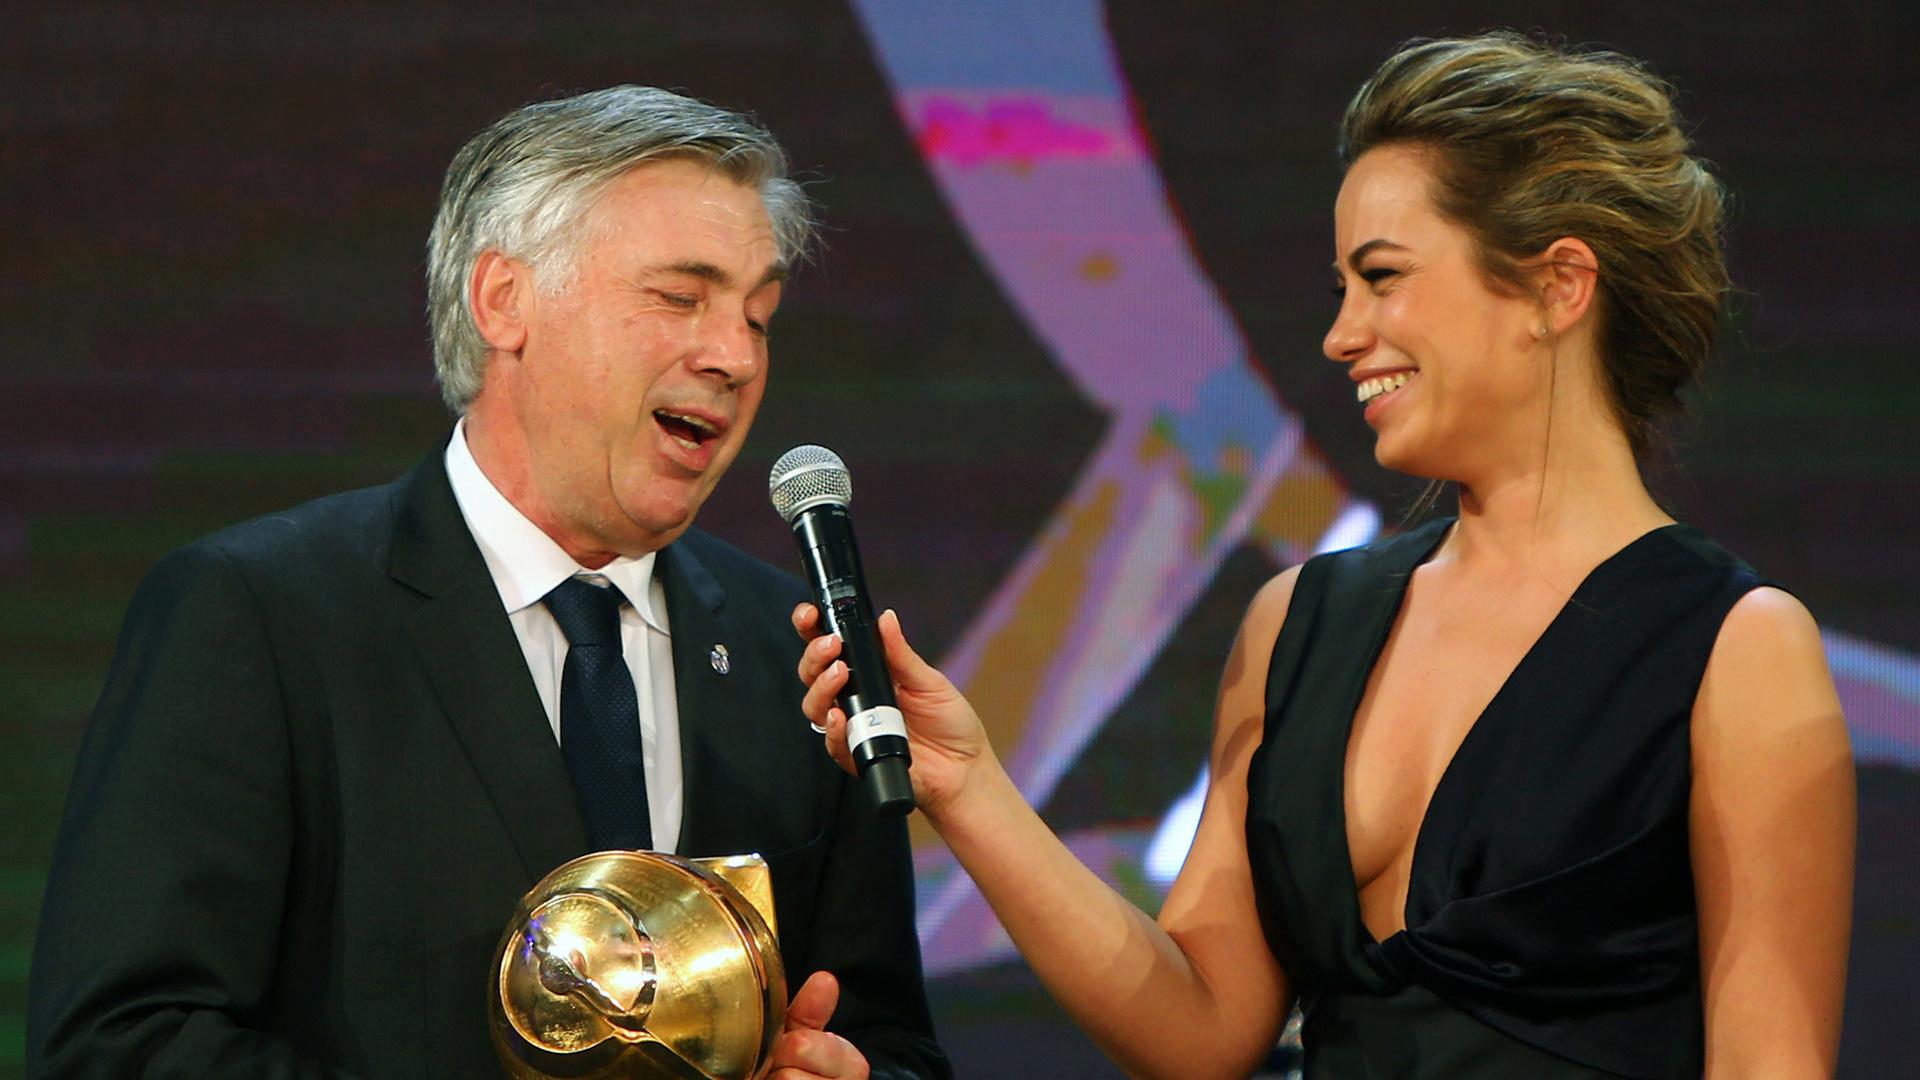 Carlo Ancelotti Globe Soccer Awards 2014